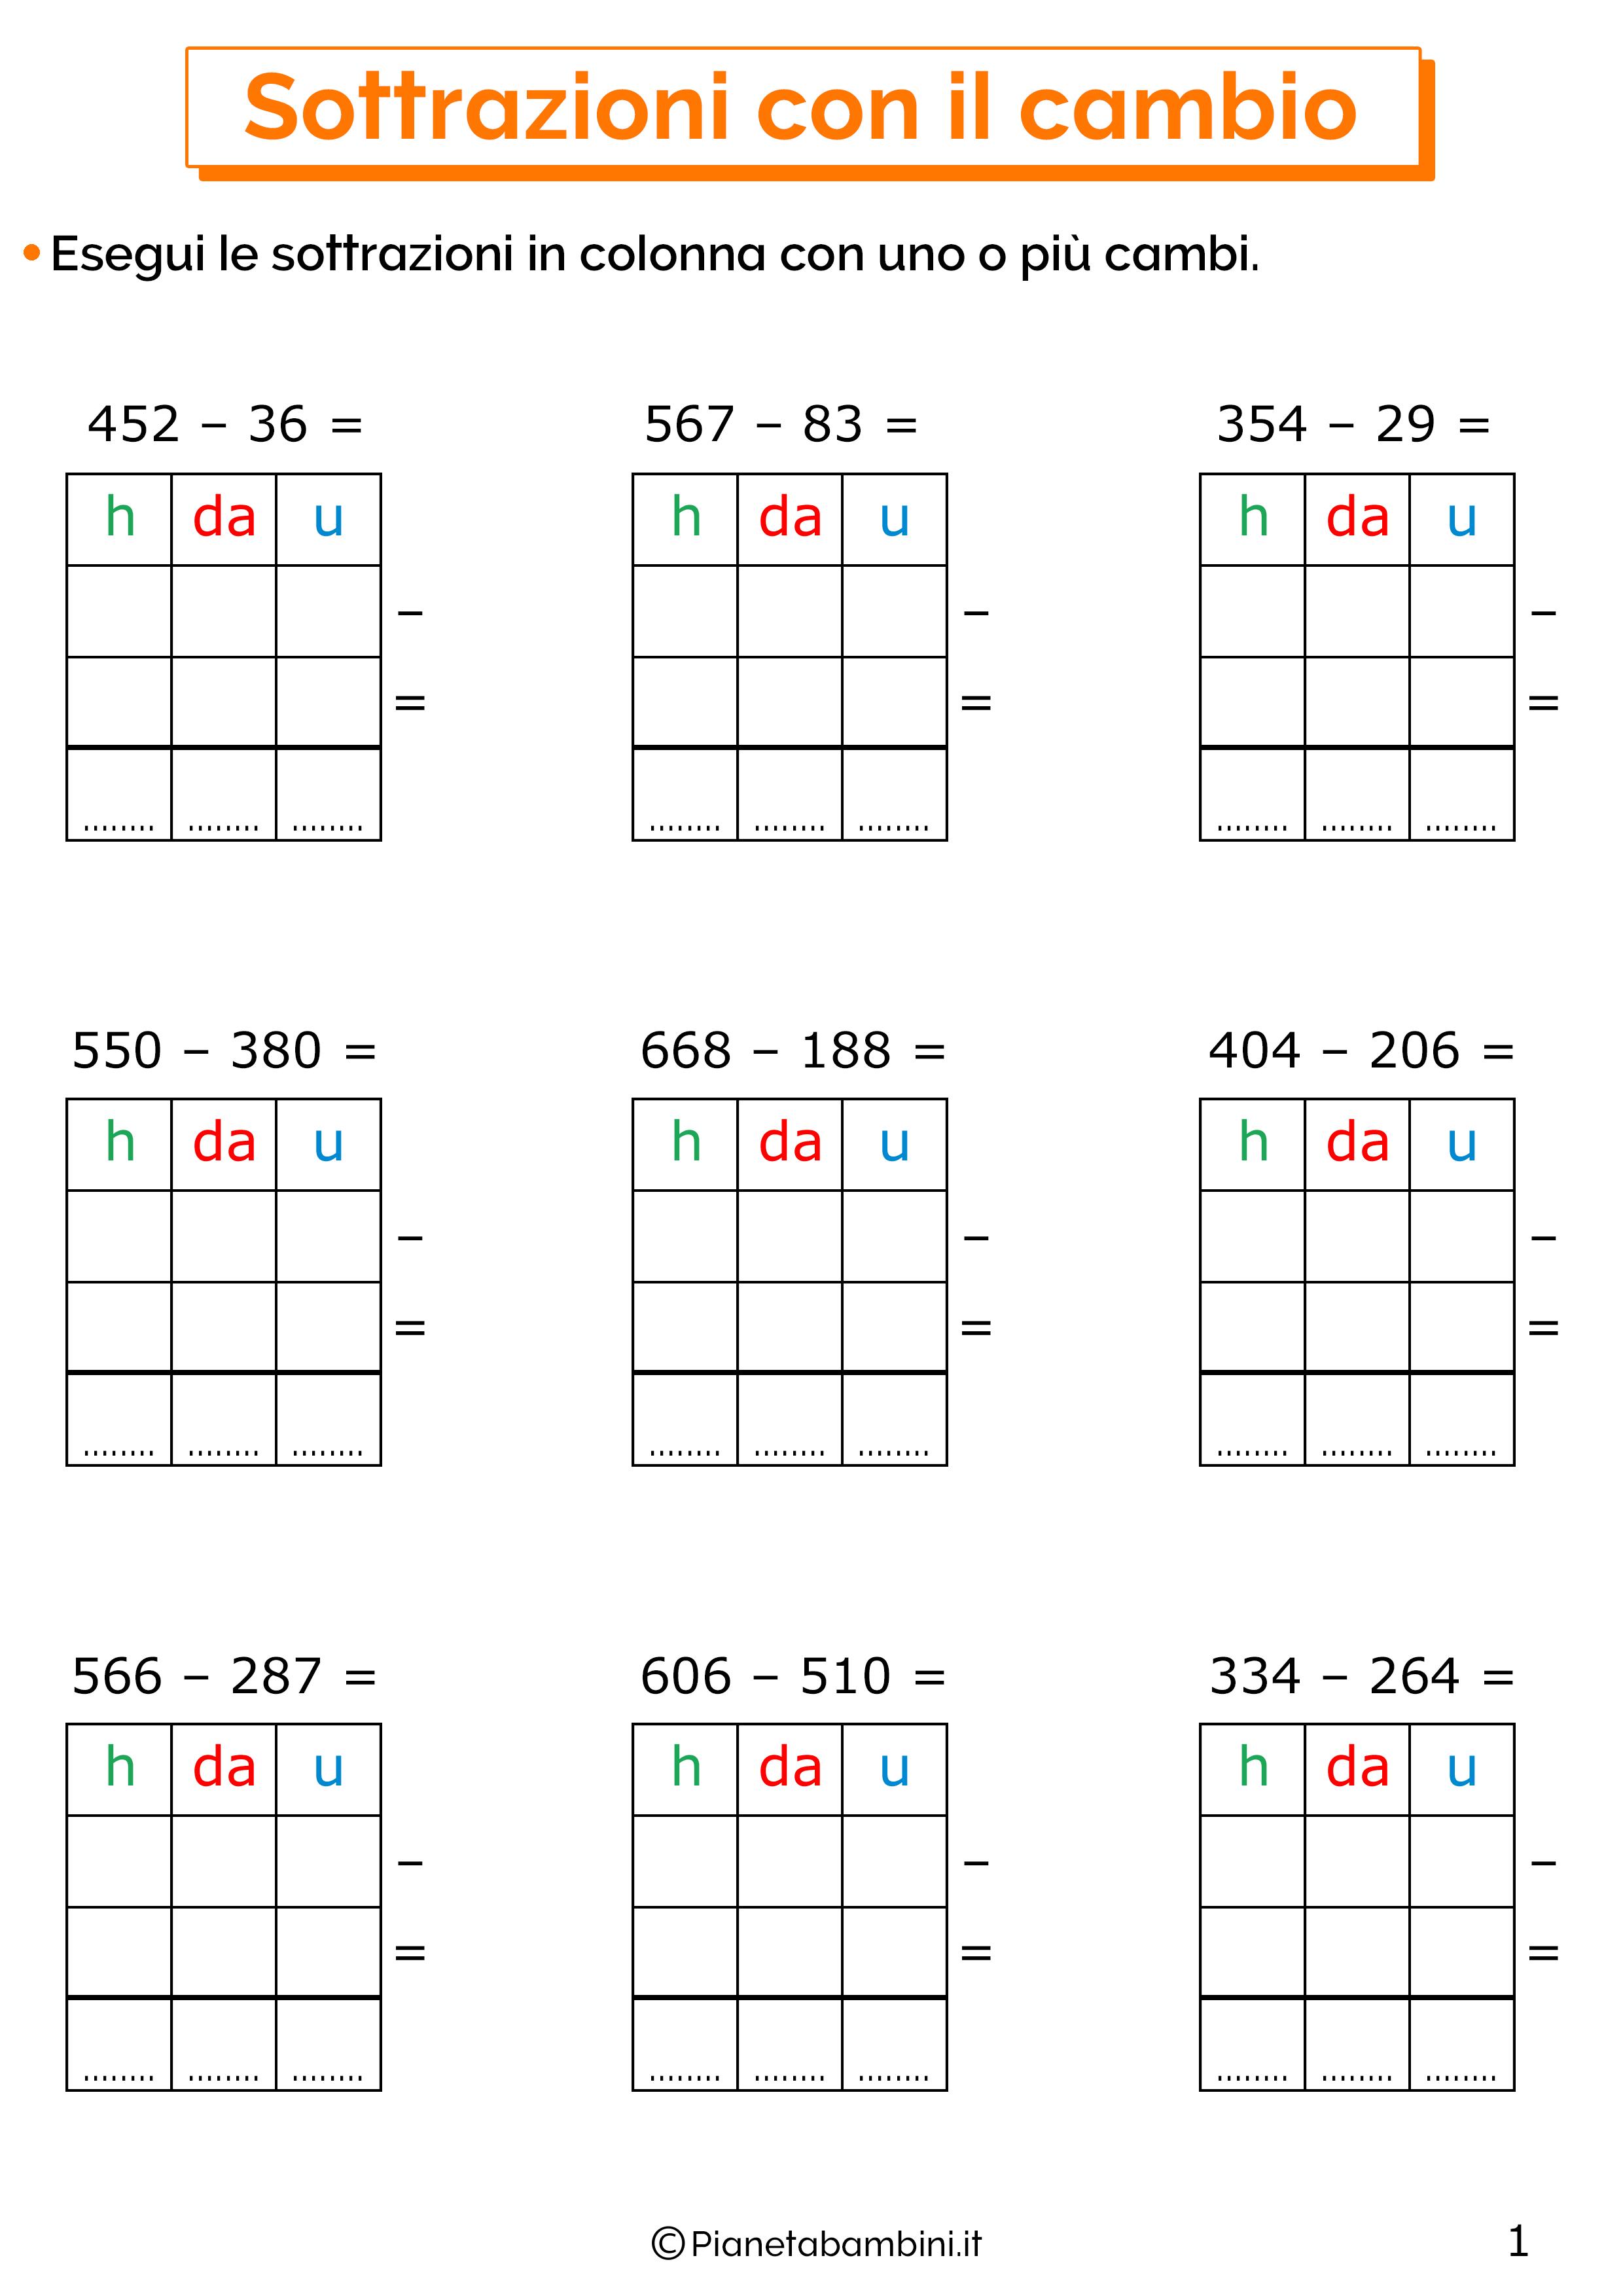 Sottrazioni con cambio a tre cifre per la classe terza 1